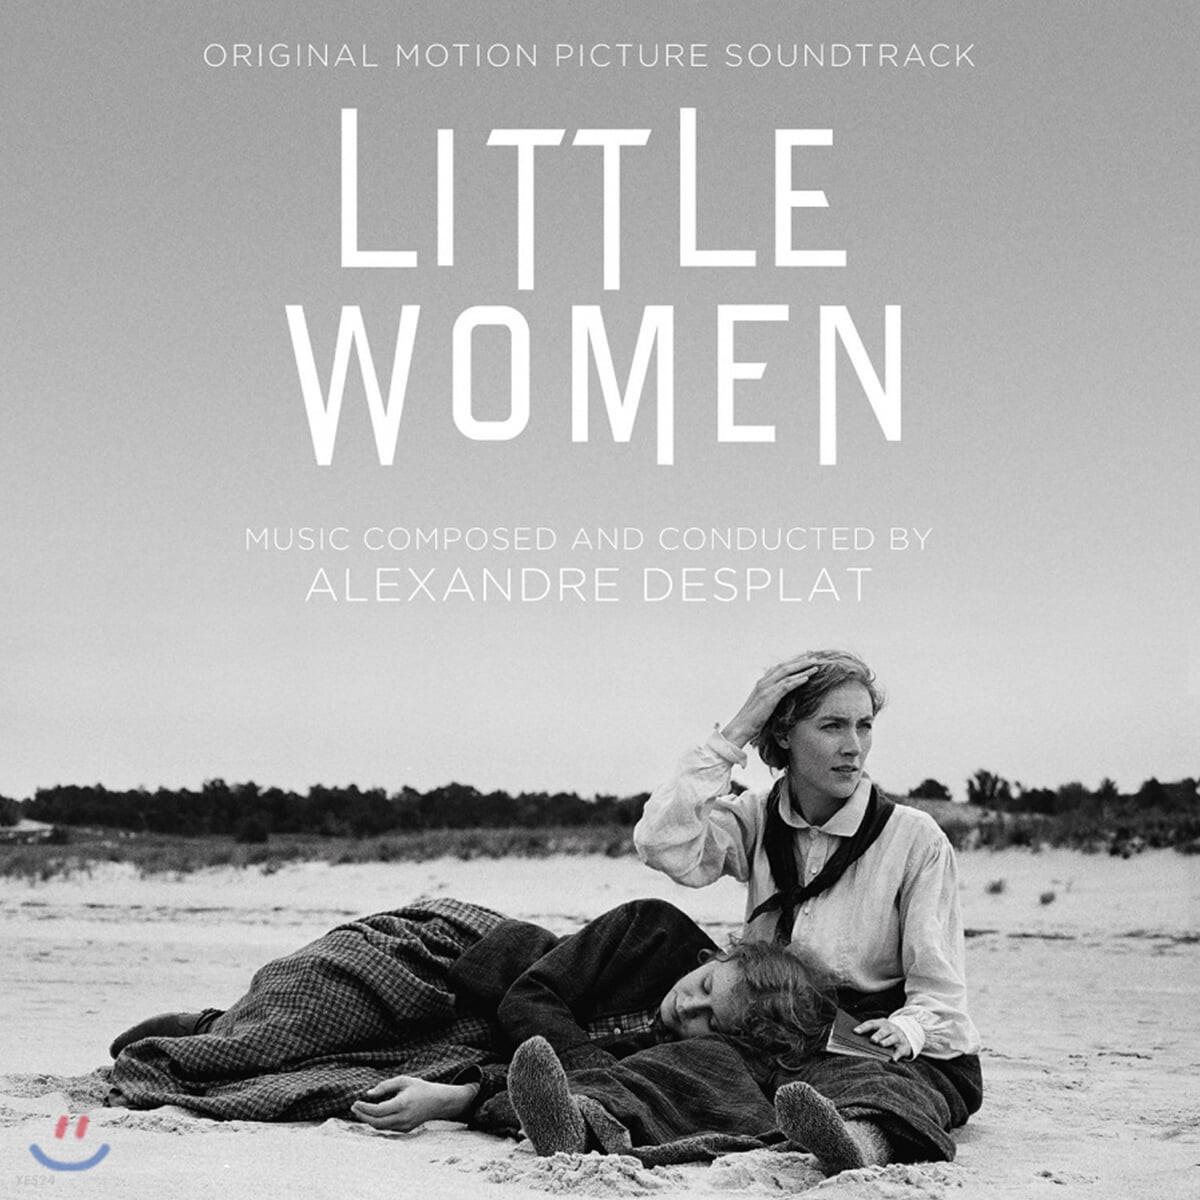 작은 아씨들 영화음악 (Little Women OST by Alexandre Desplat) [2LP]